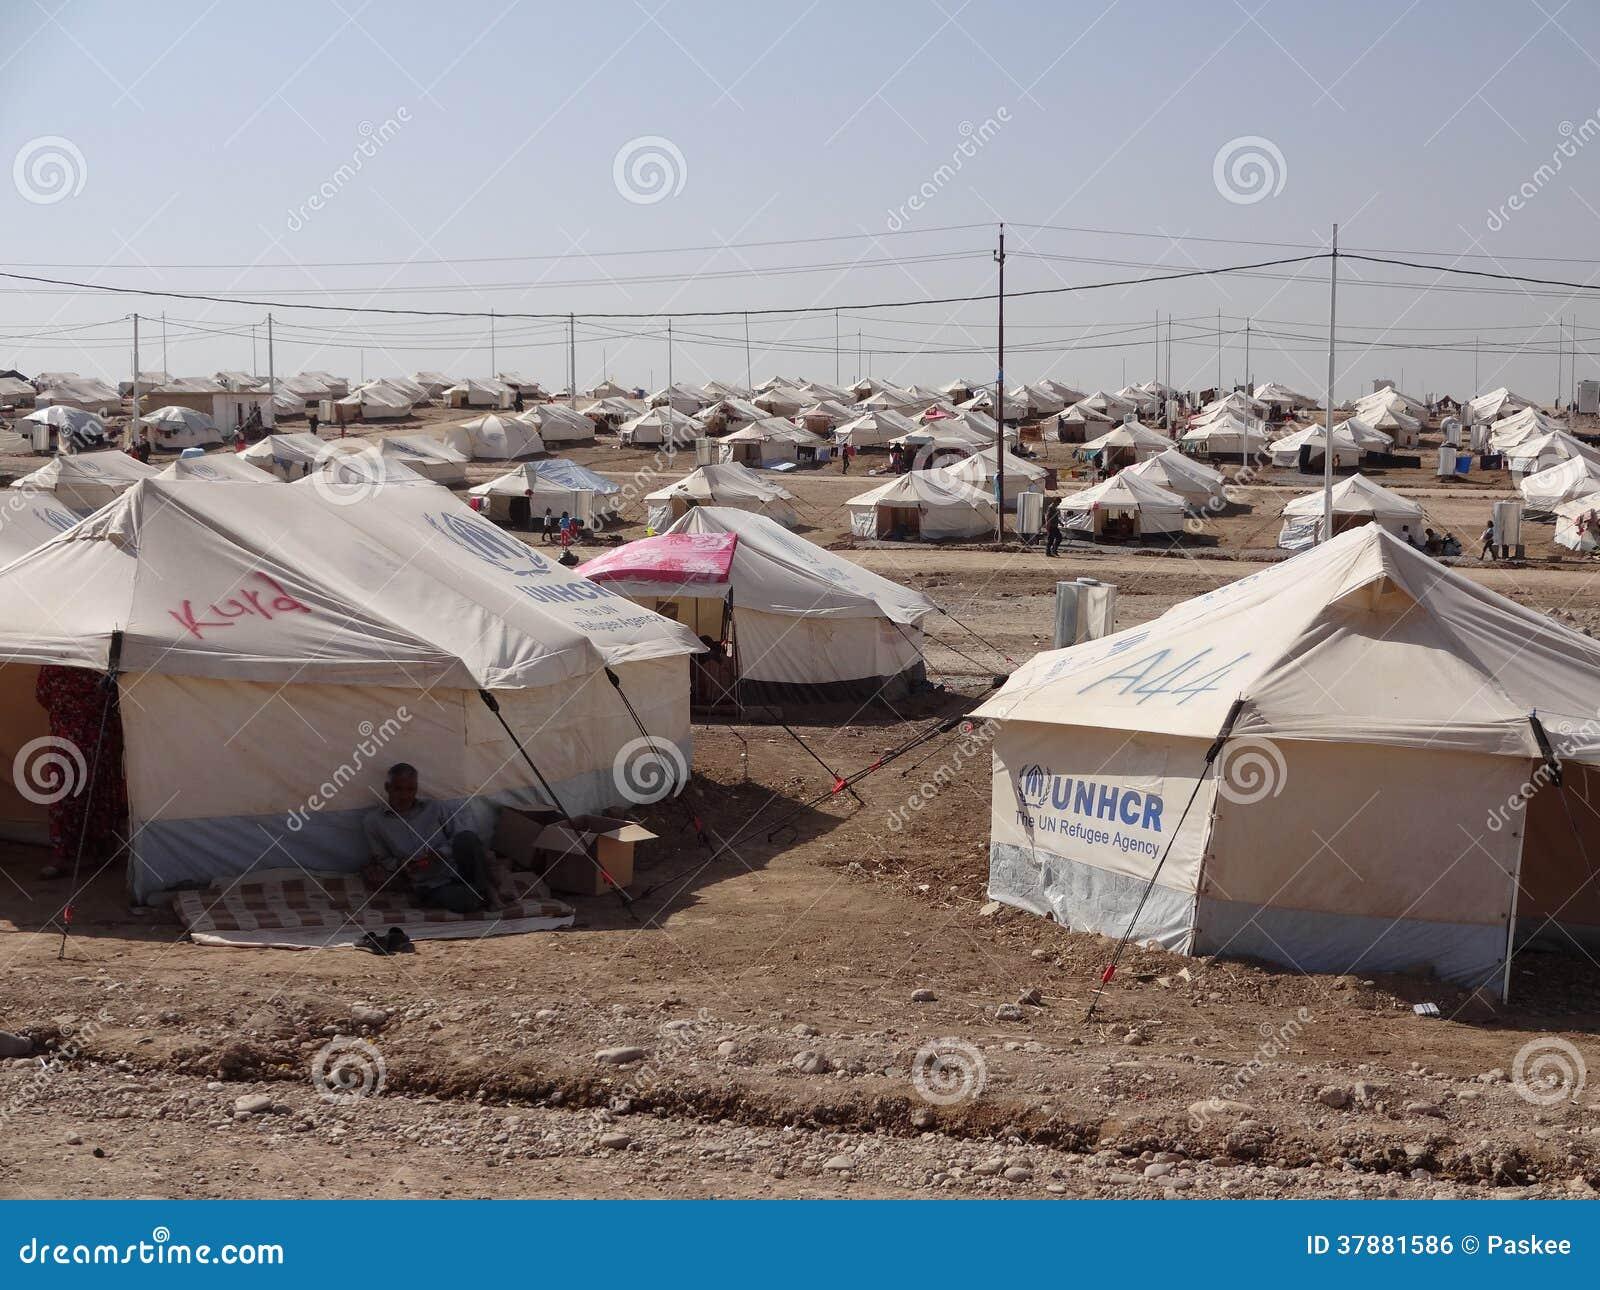 Gawilah läger